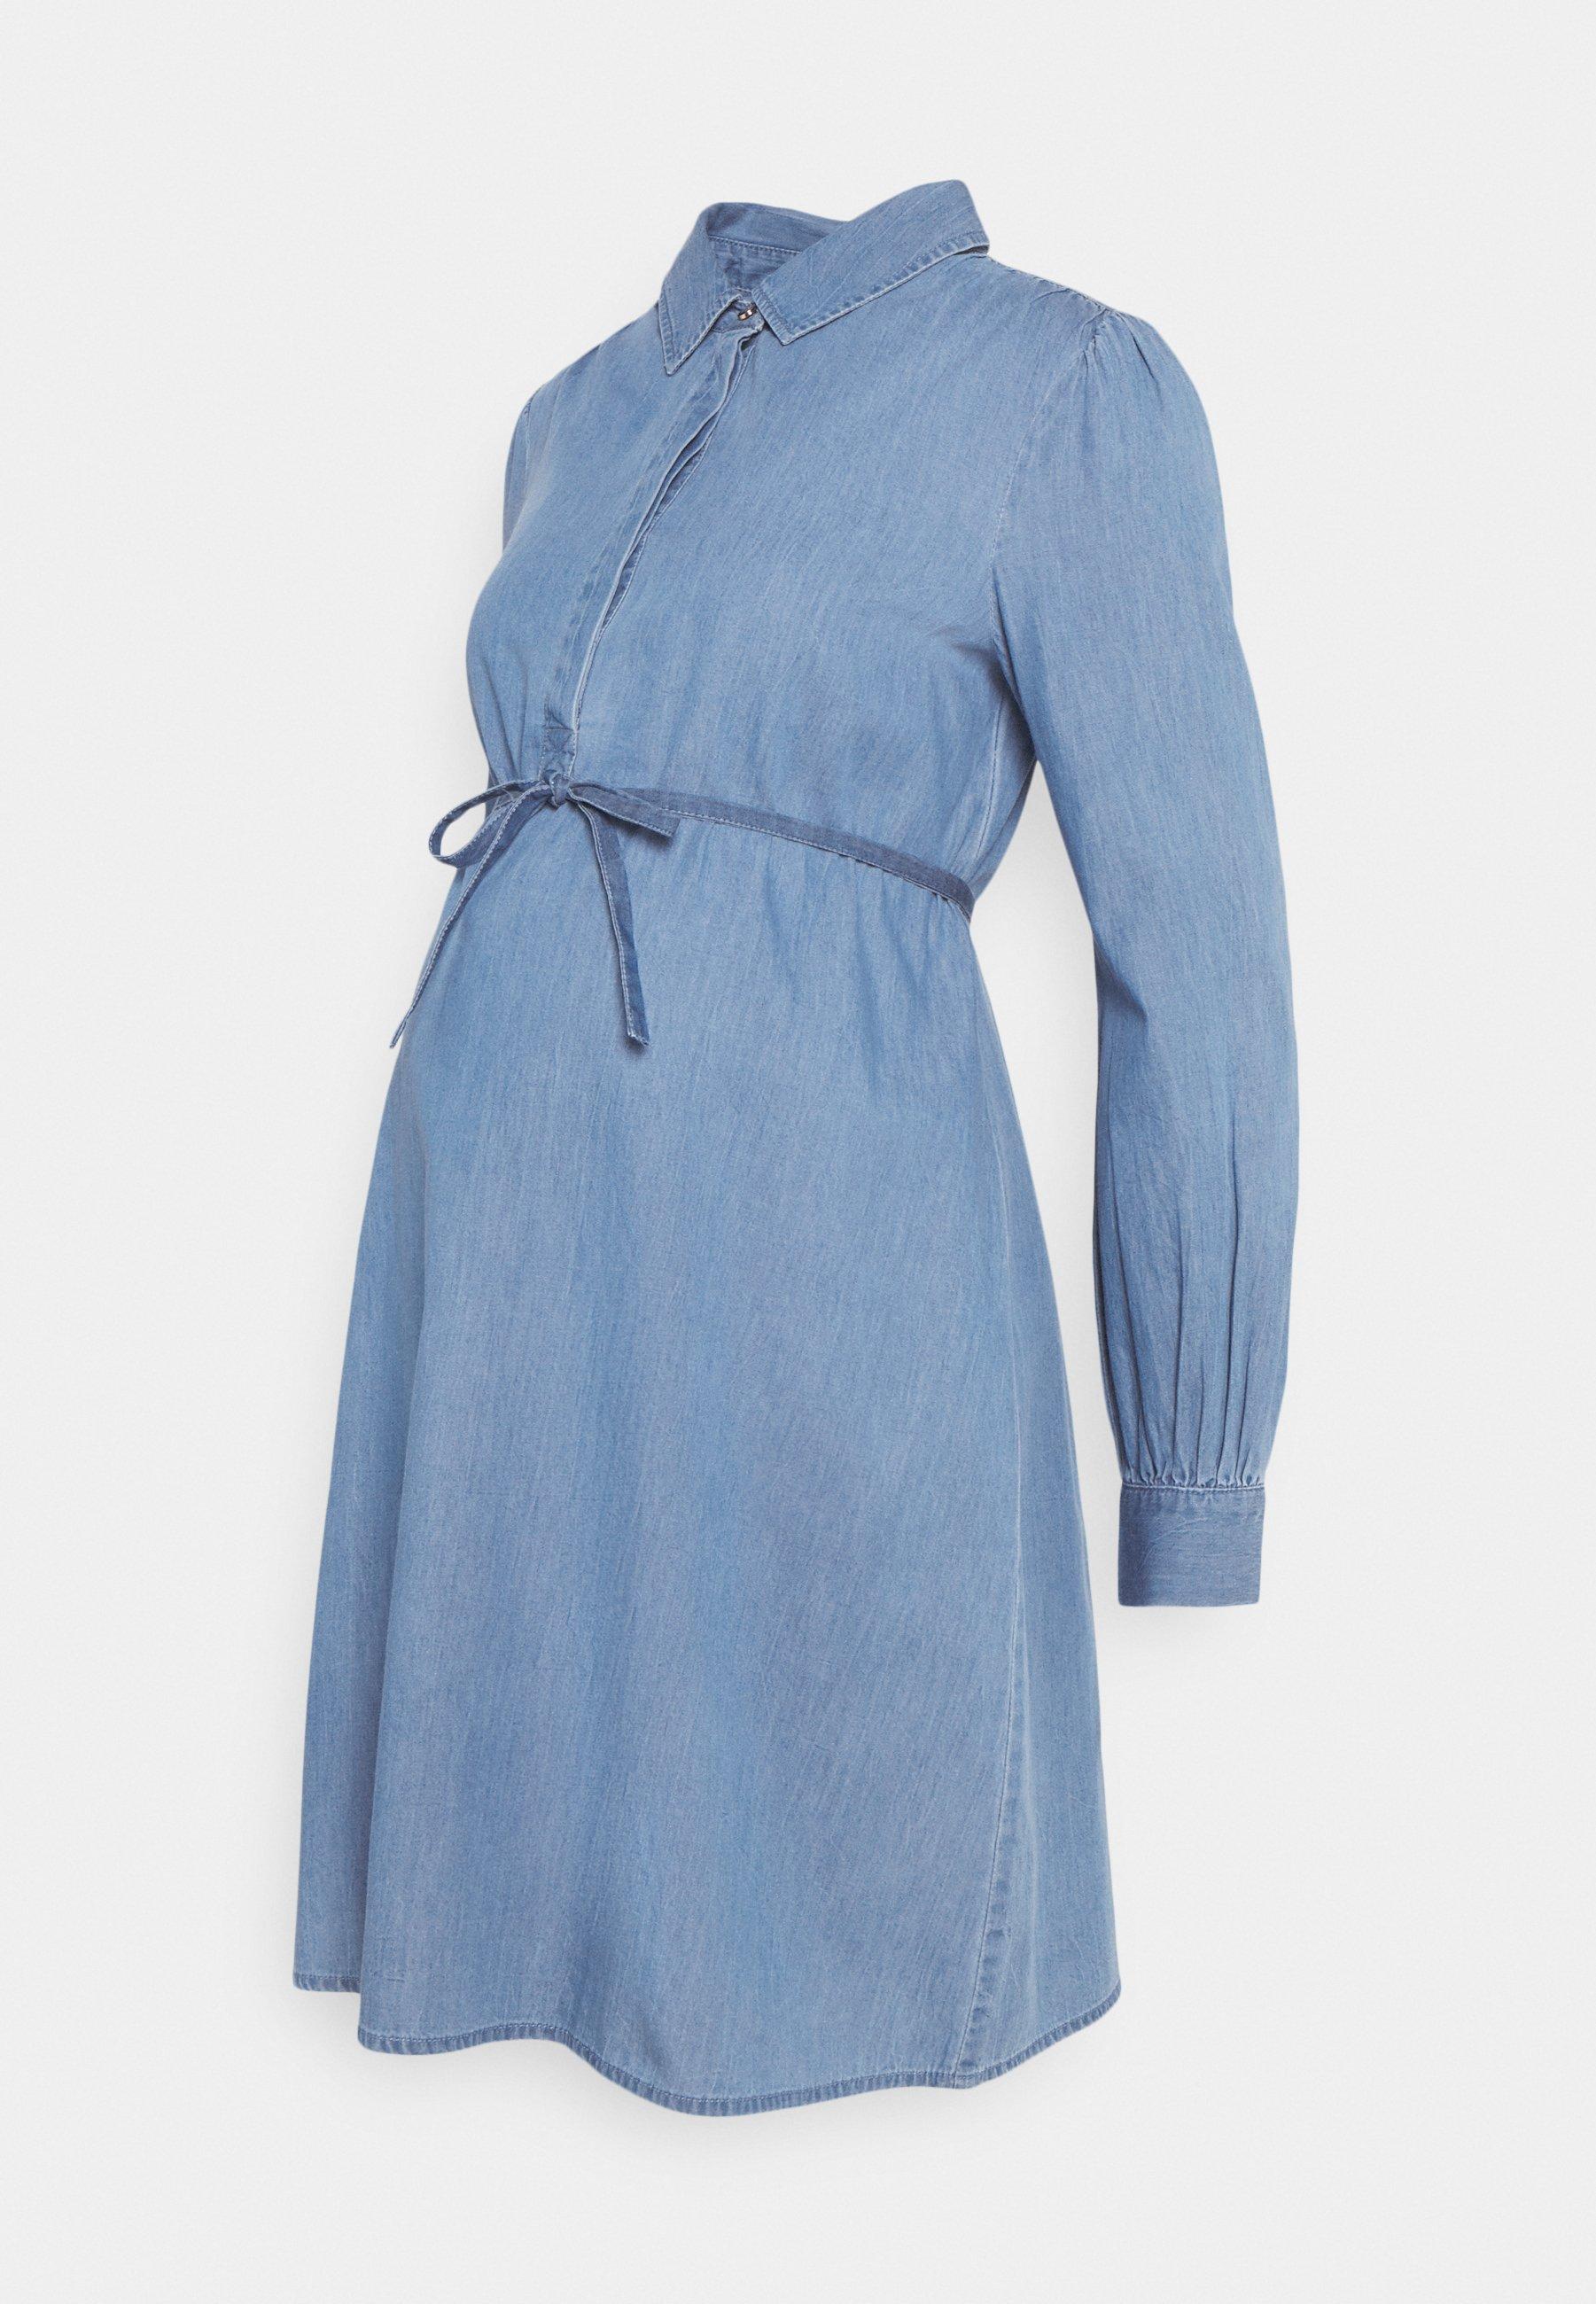 Femme DRESS - Robe en jean